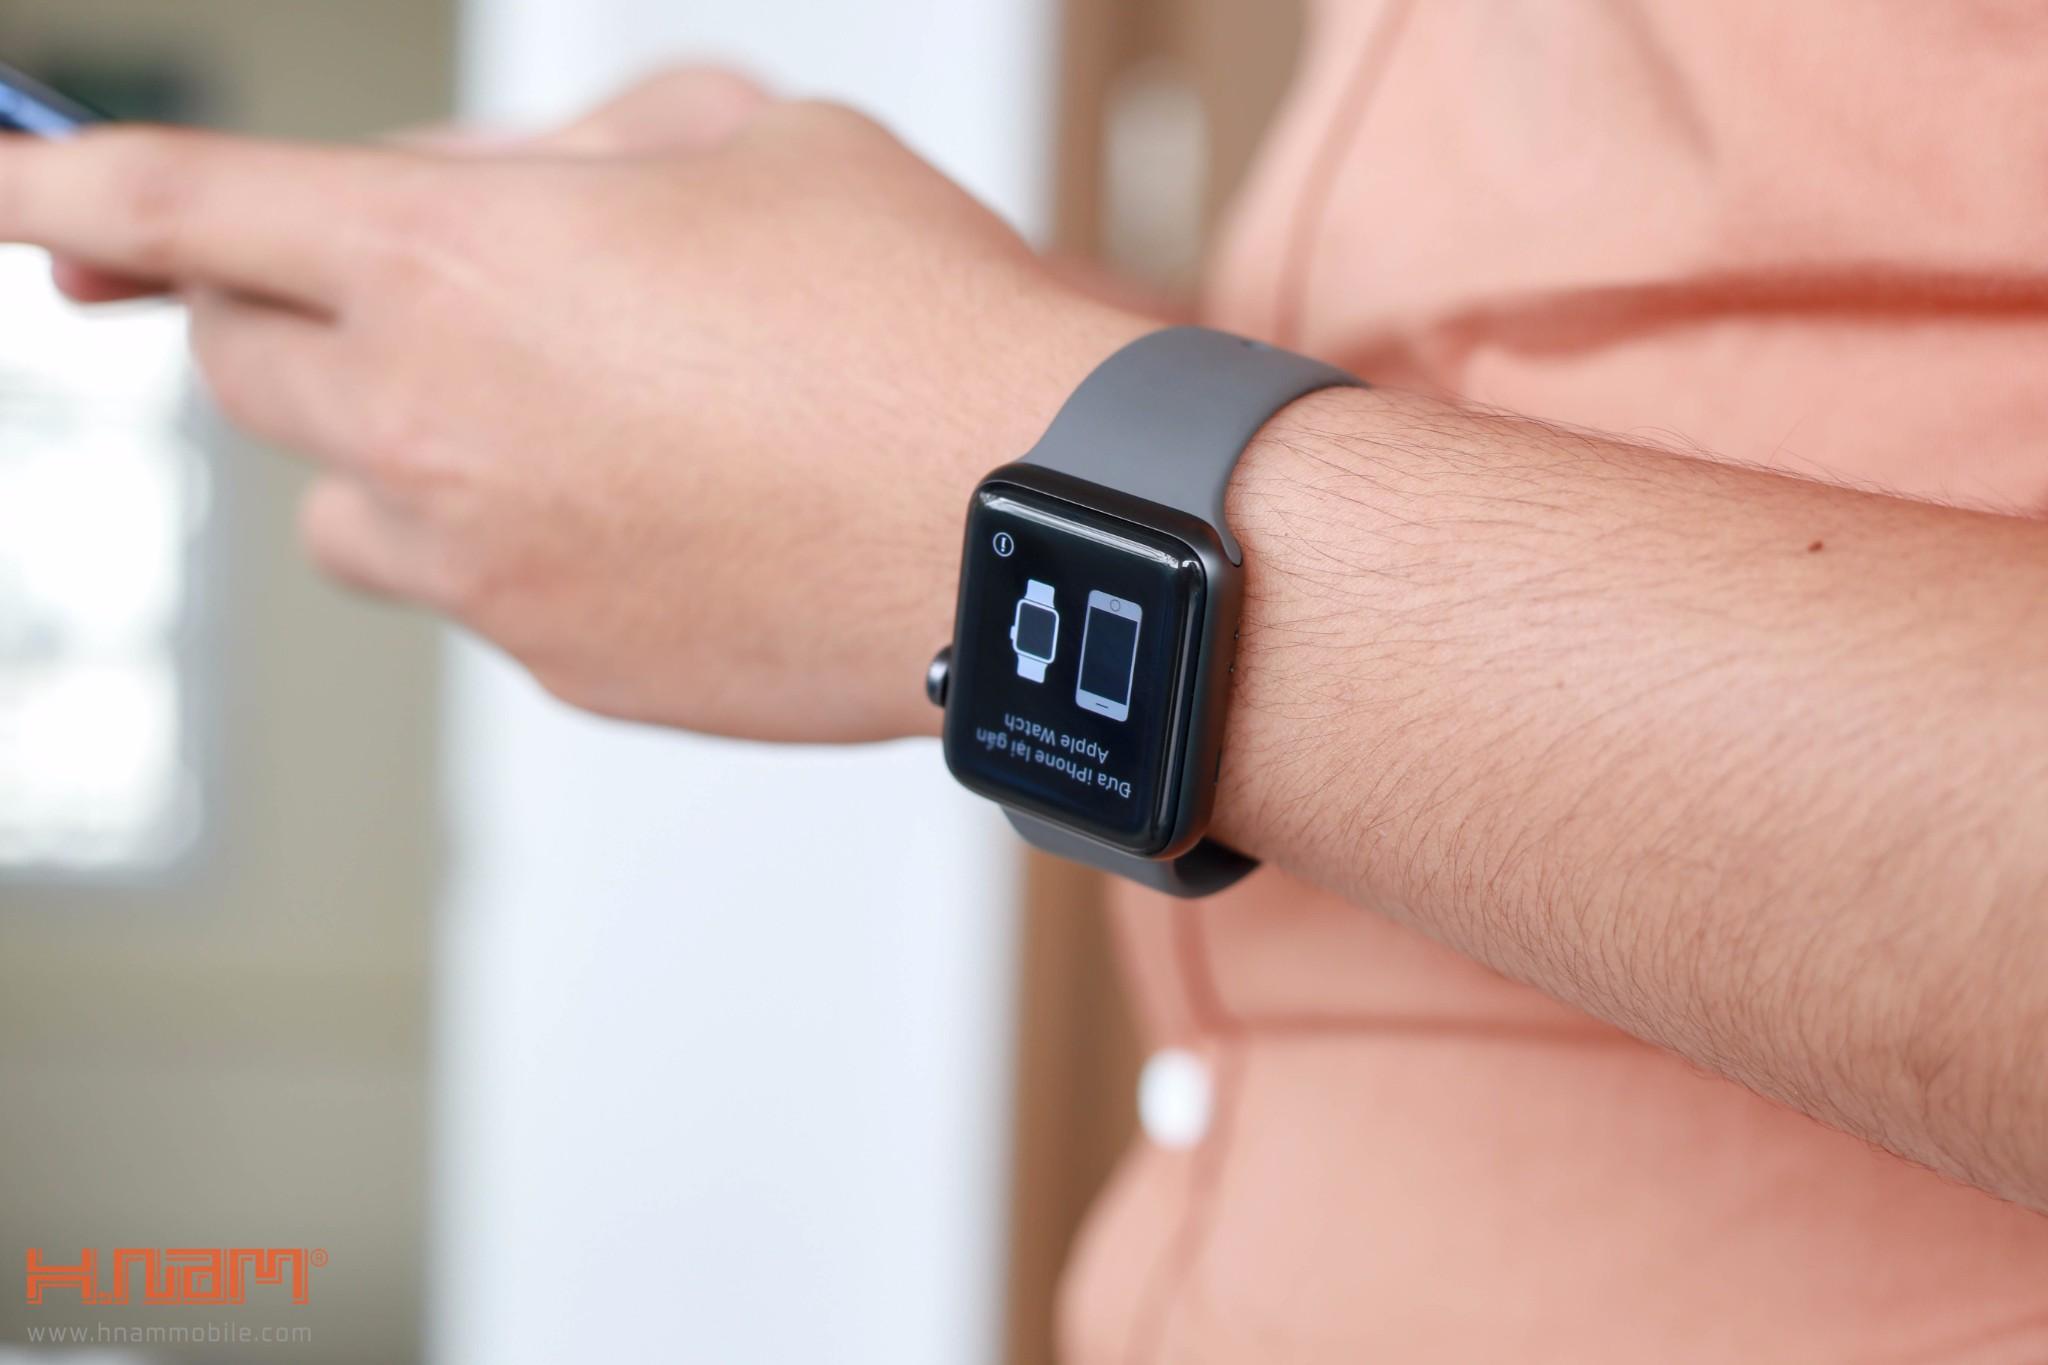 Đập 2 hộp Apple Watch Series 3: Vẫn rất đẹp và hiện đại, cấu hình mạnh hơn hình 9